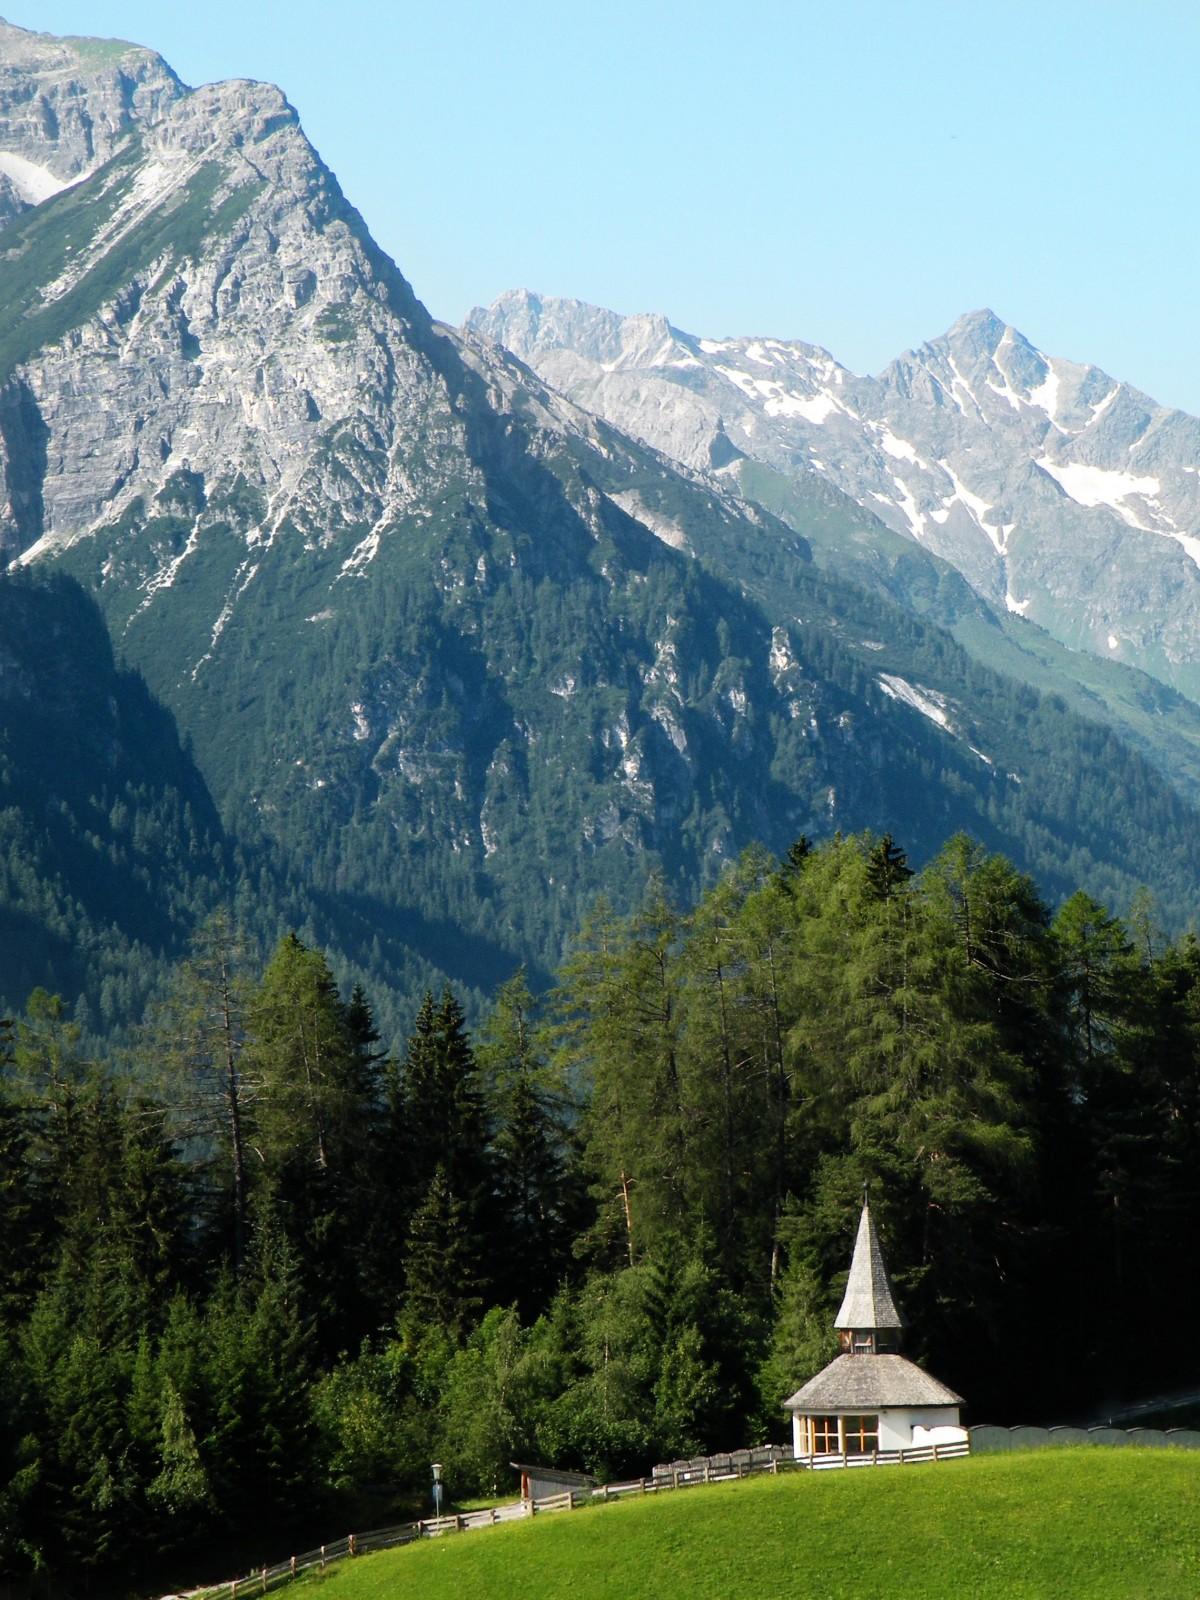 картинки красивых горных местностях луньянова, если унеуспел